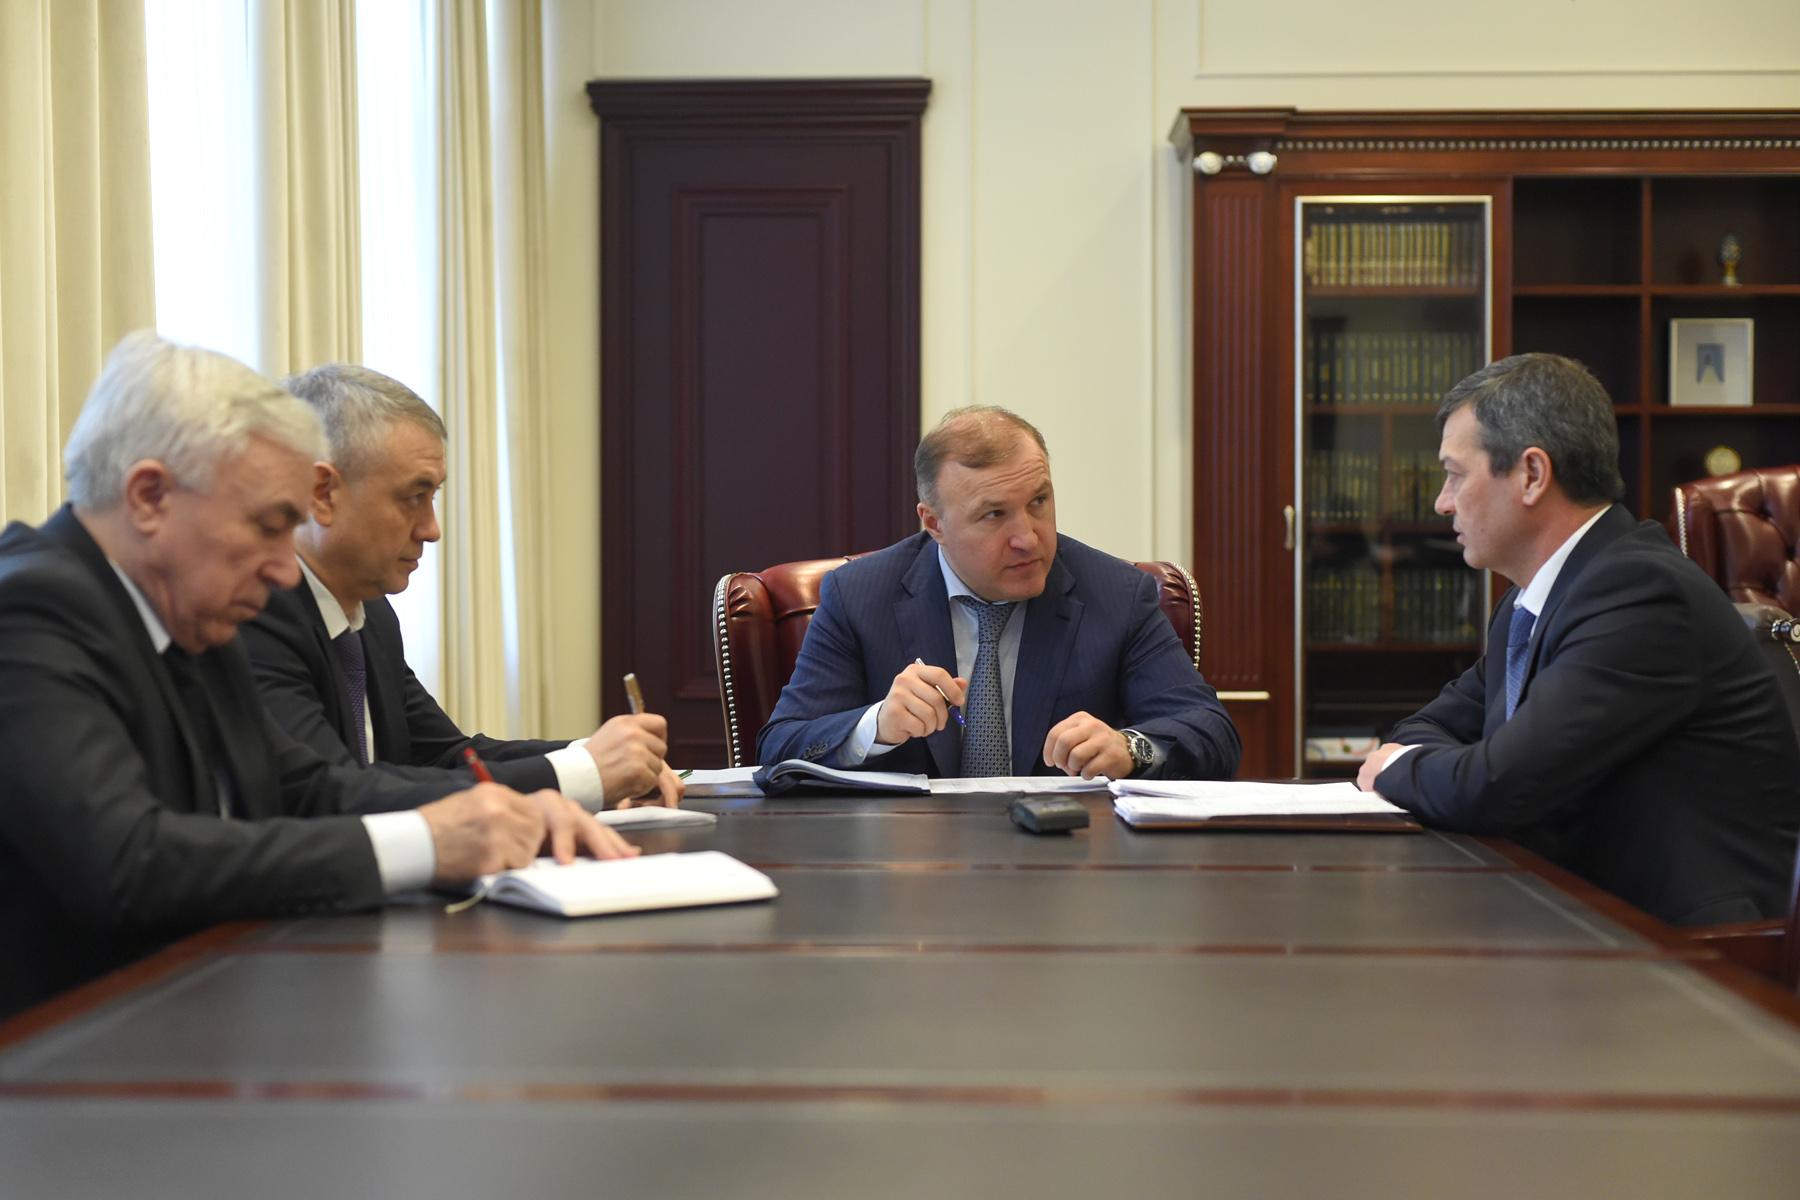 Адыгейск к 50-летию со дня образования получил дополнительное финансирование